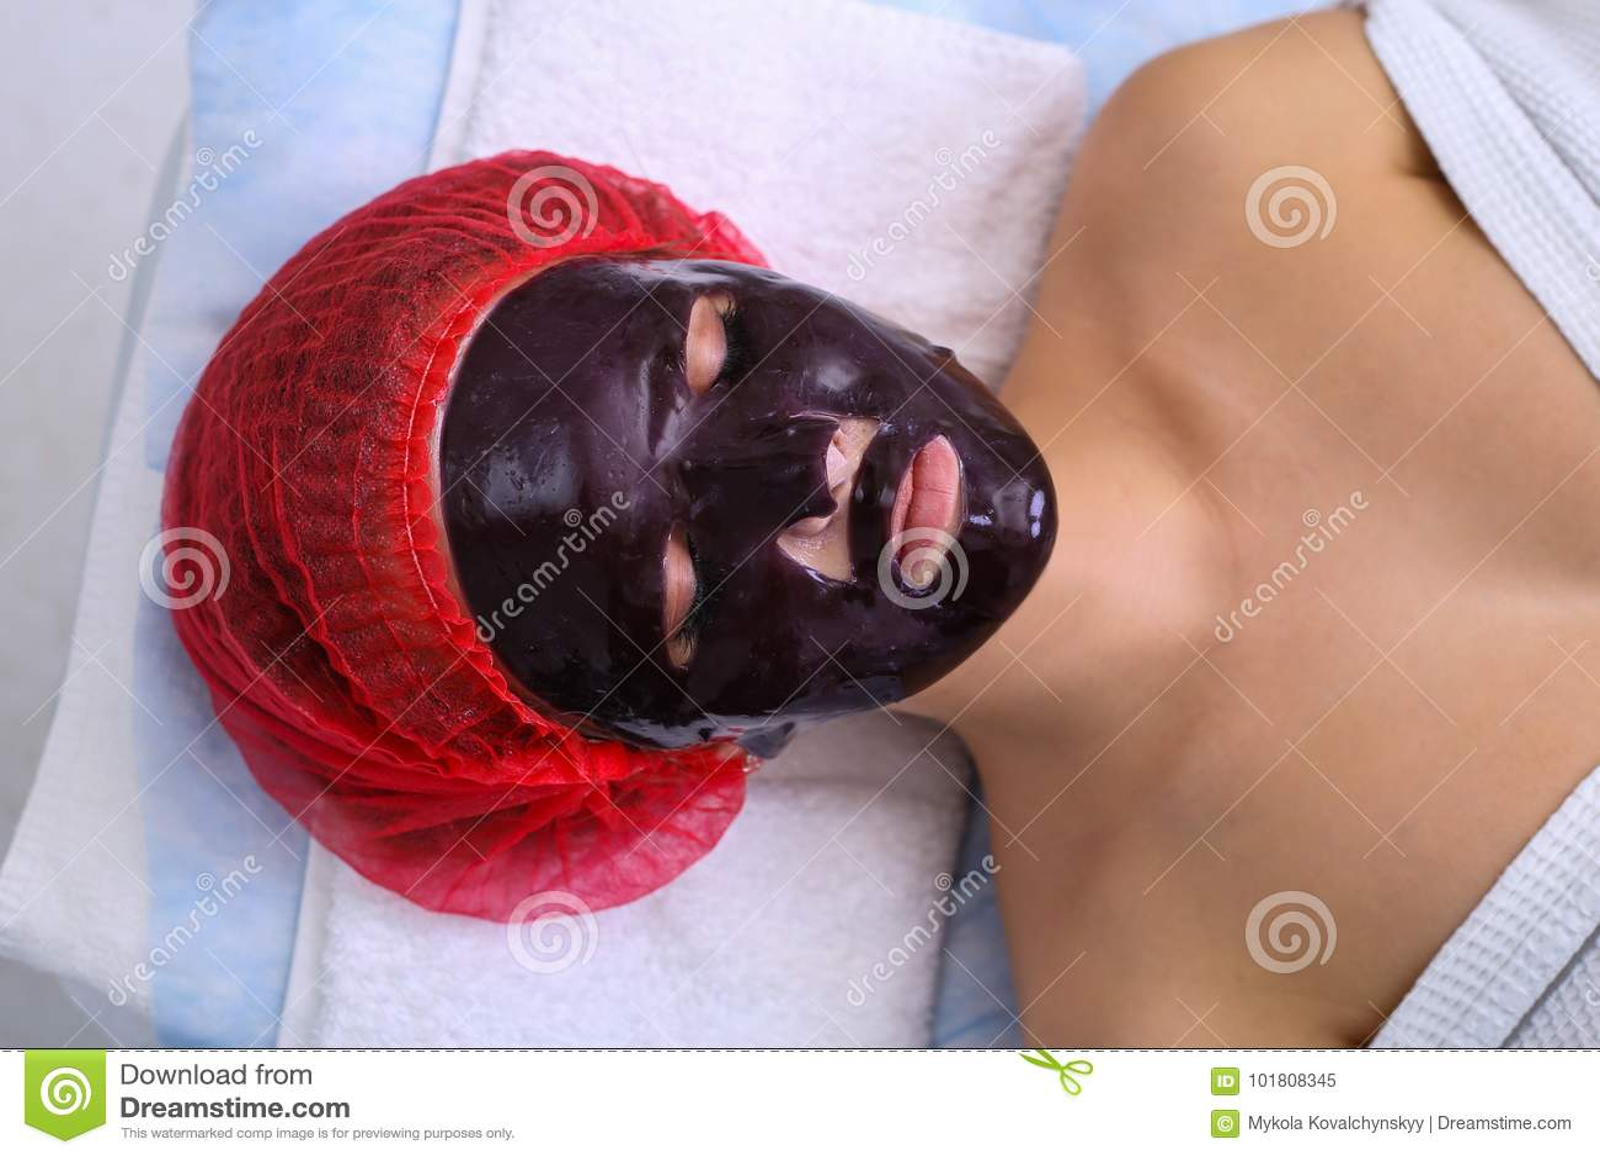 Homemade chocolate facial